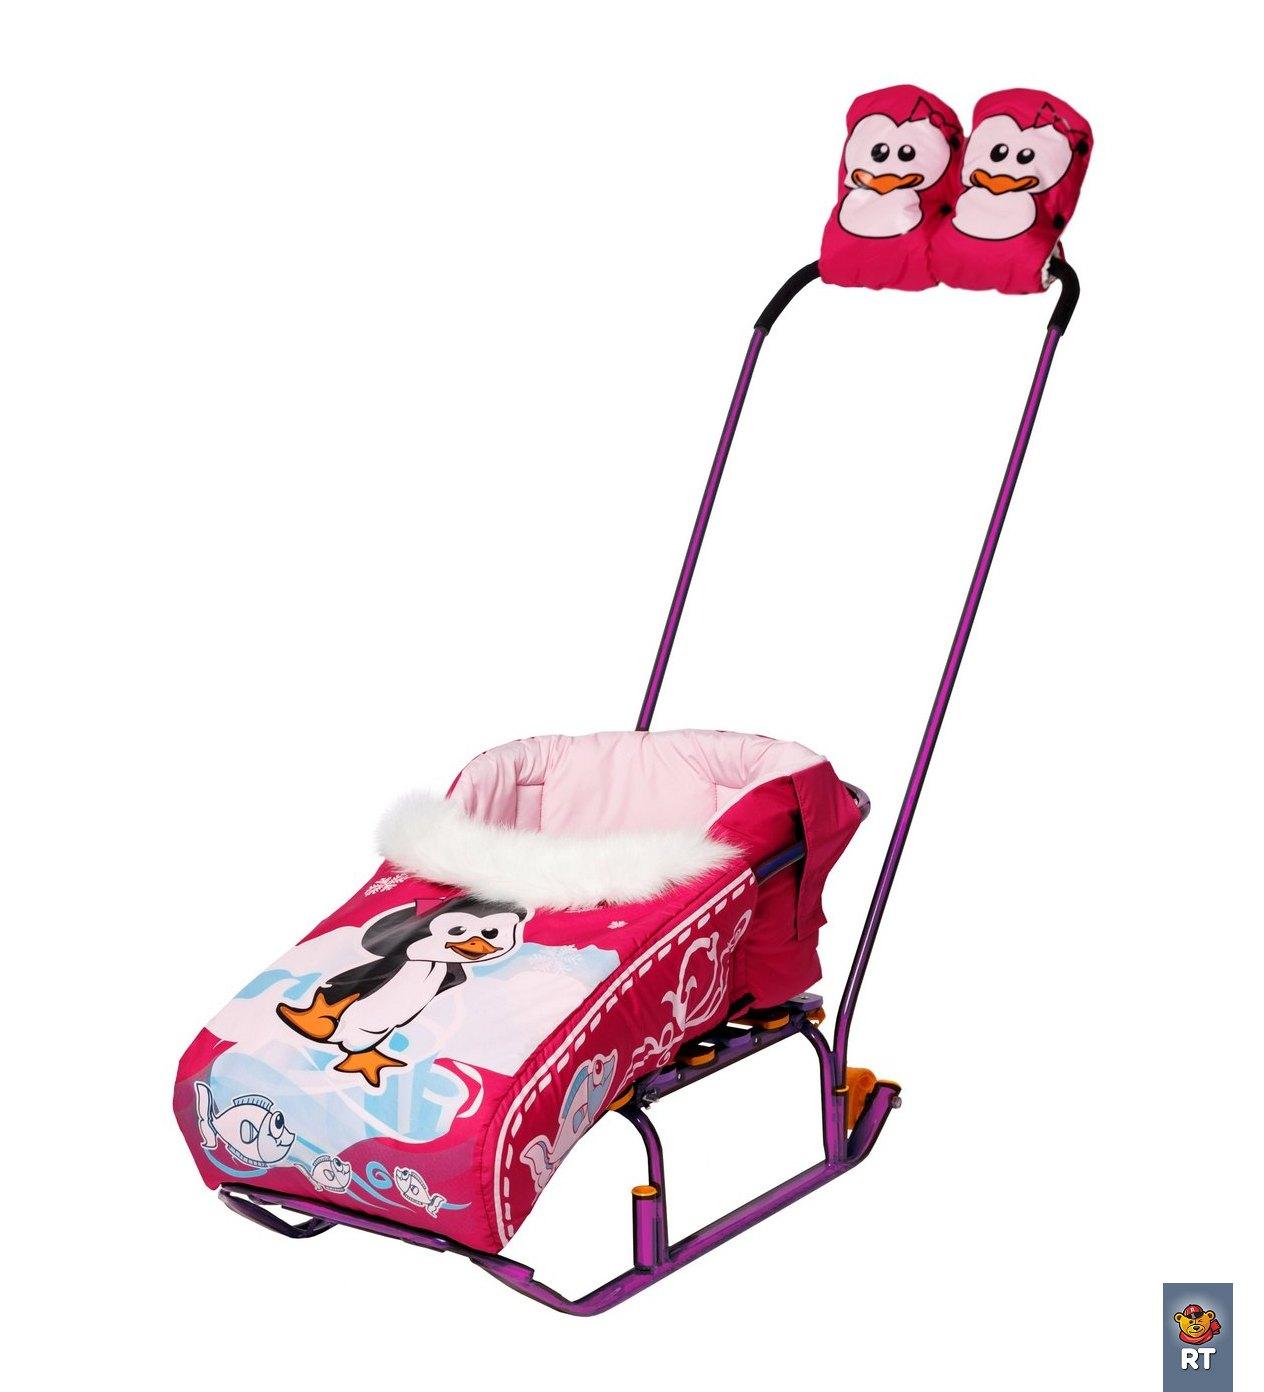 Комплект Пингвиненок : матрасик + варежки. РозовыйМатрасики, муфты, чехлы в санки<br>Комплект Пингвиненок : матрасик + варежки. Розовый<br>